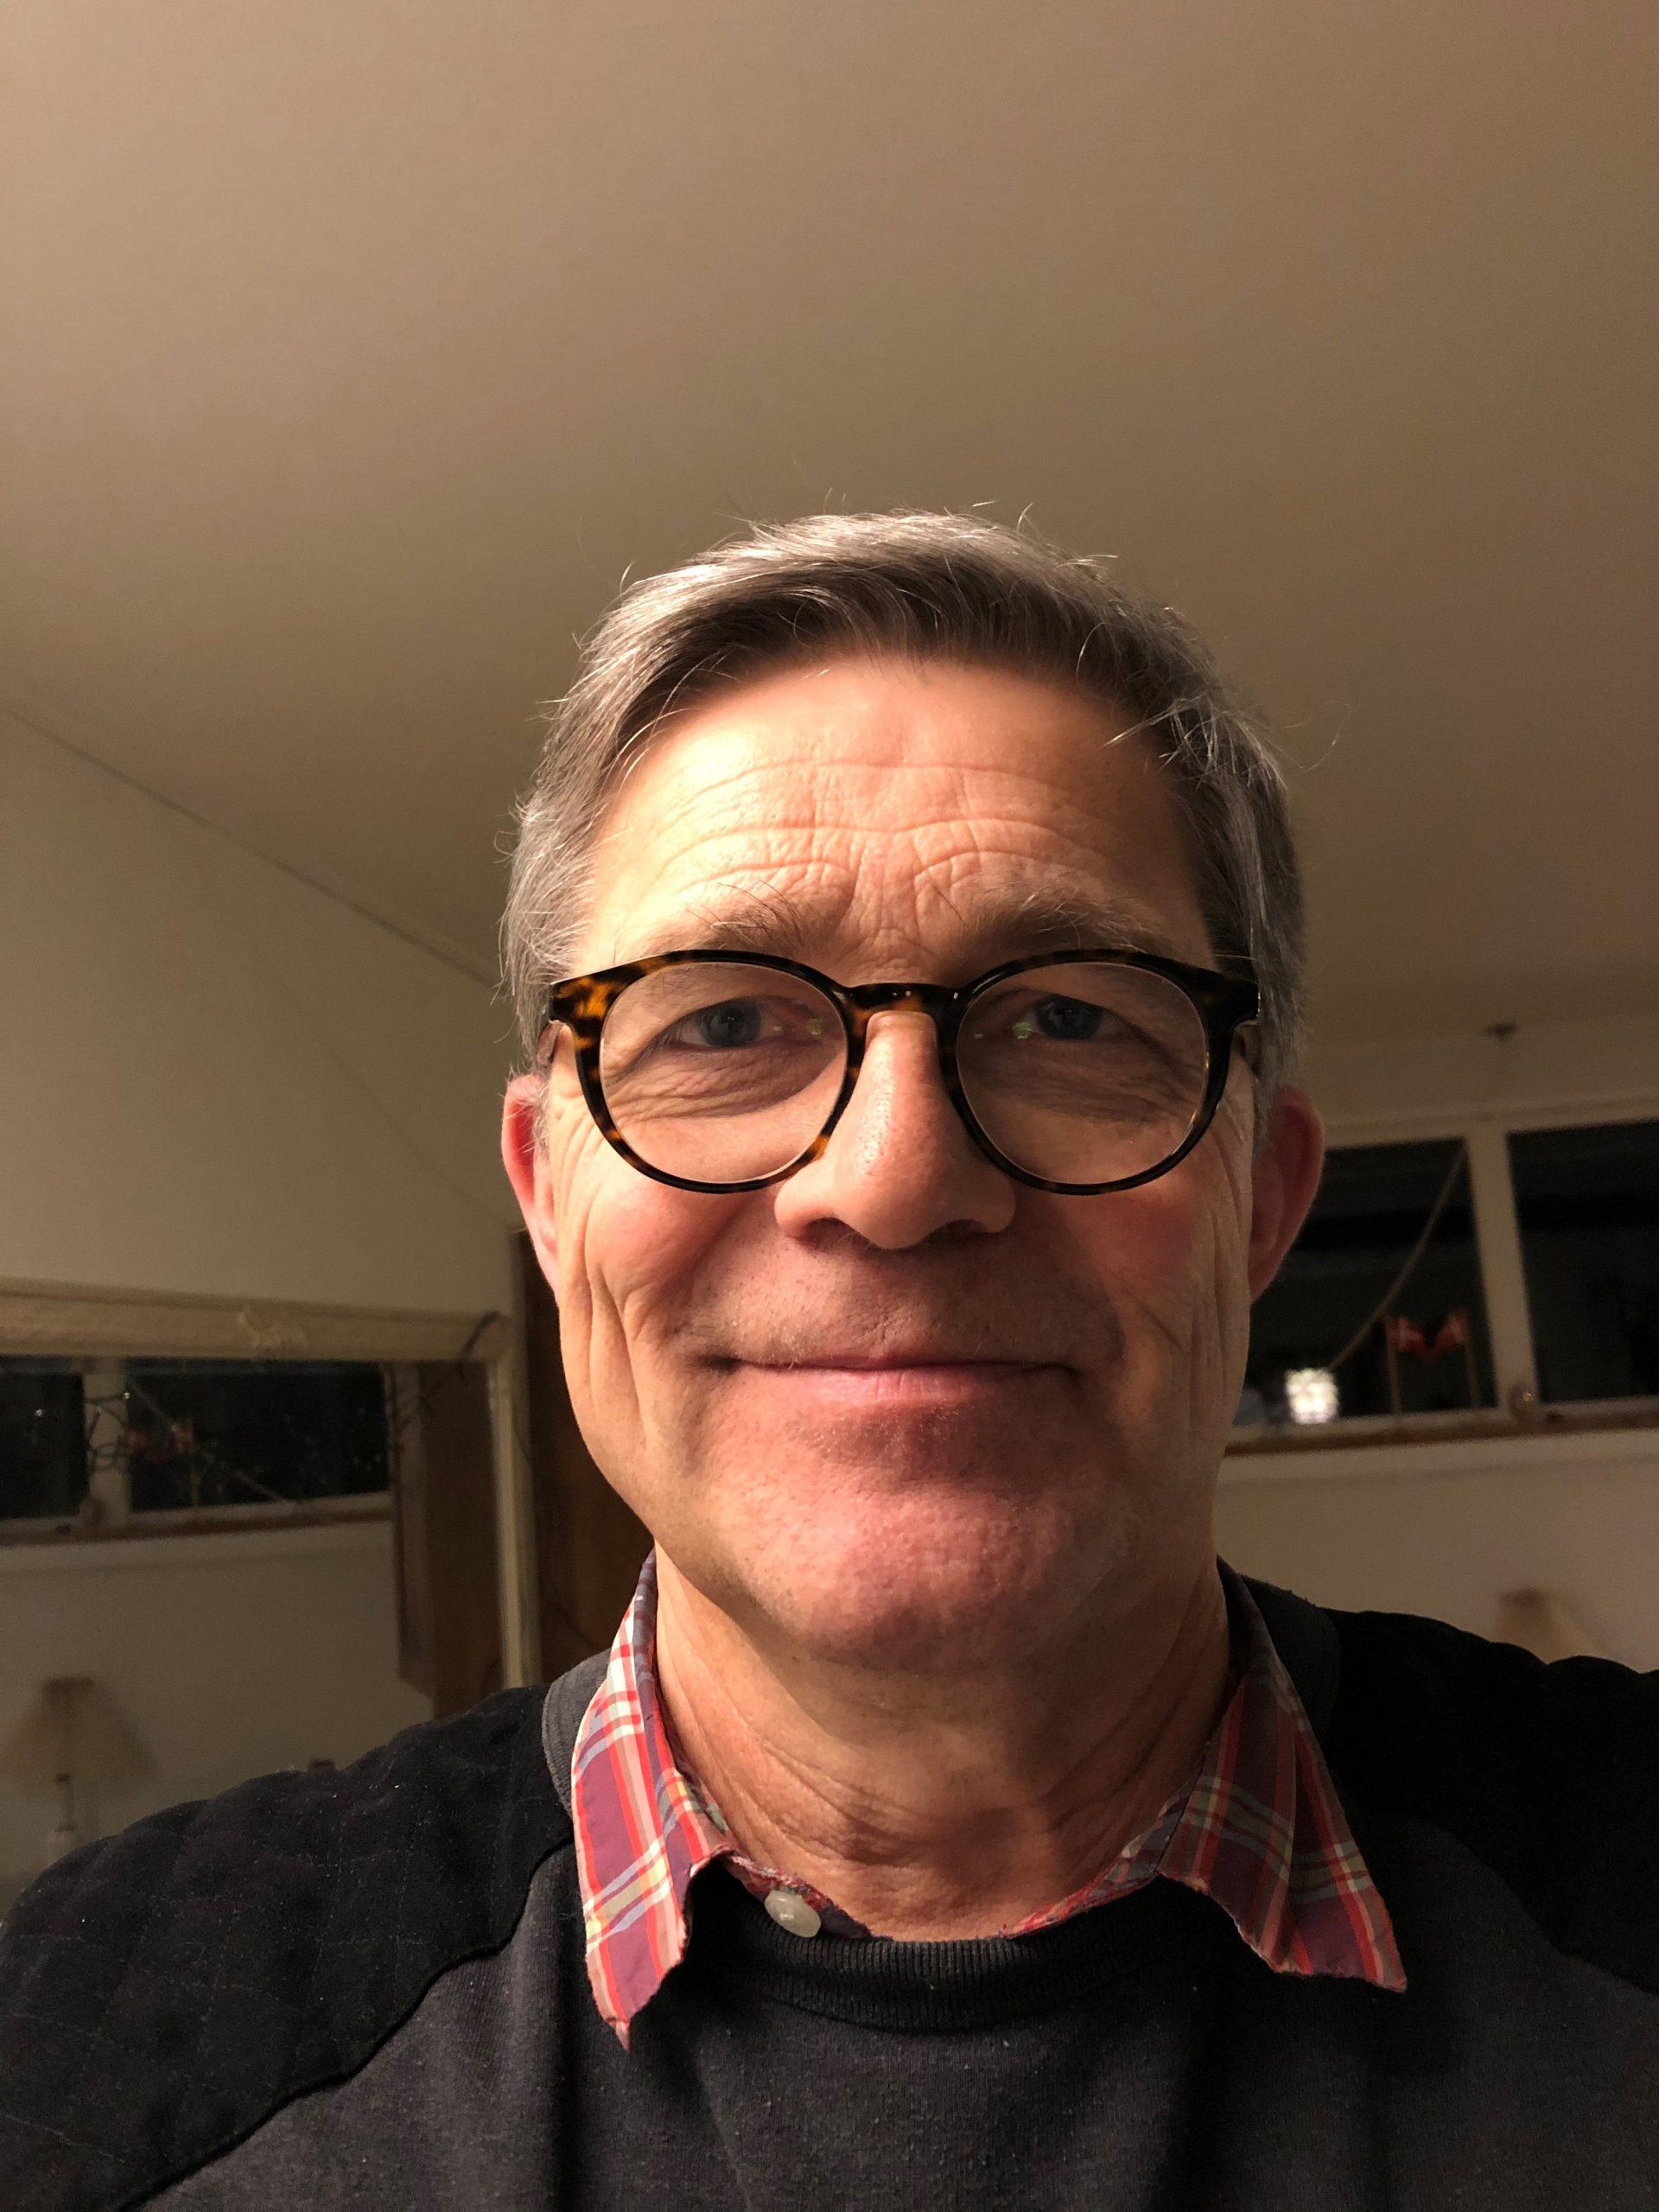 Portrætfoto af Kjeld Melchior Christiansen